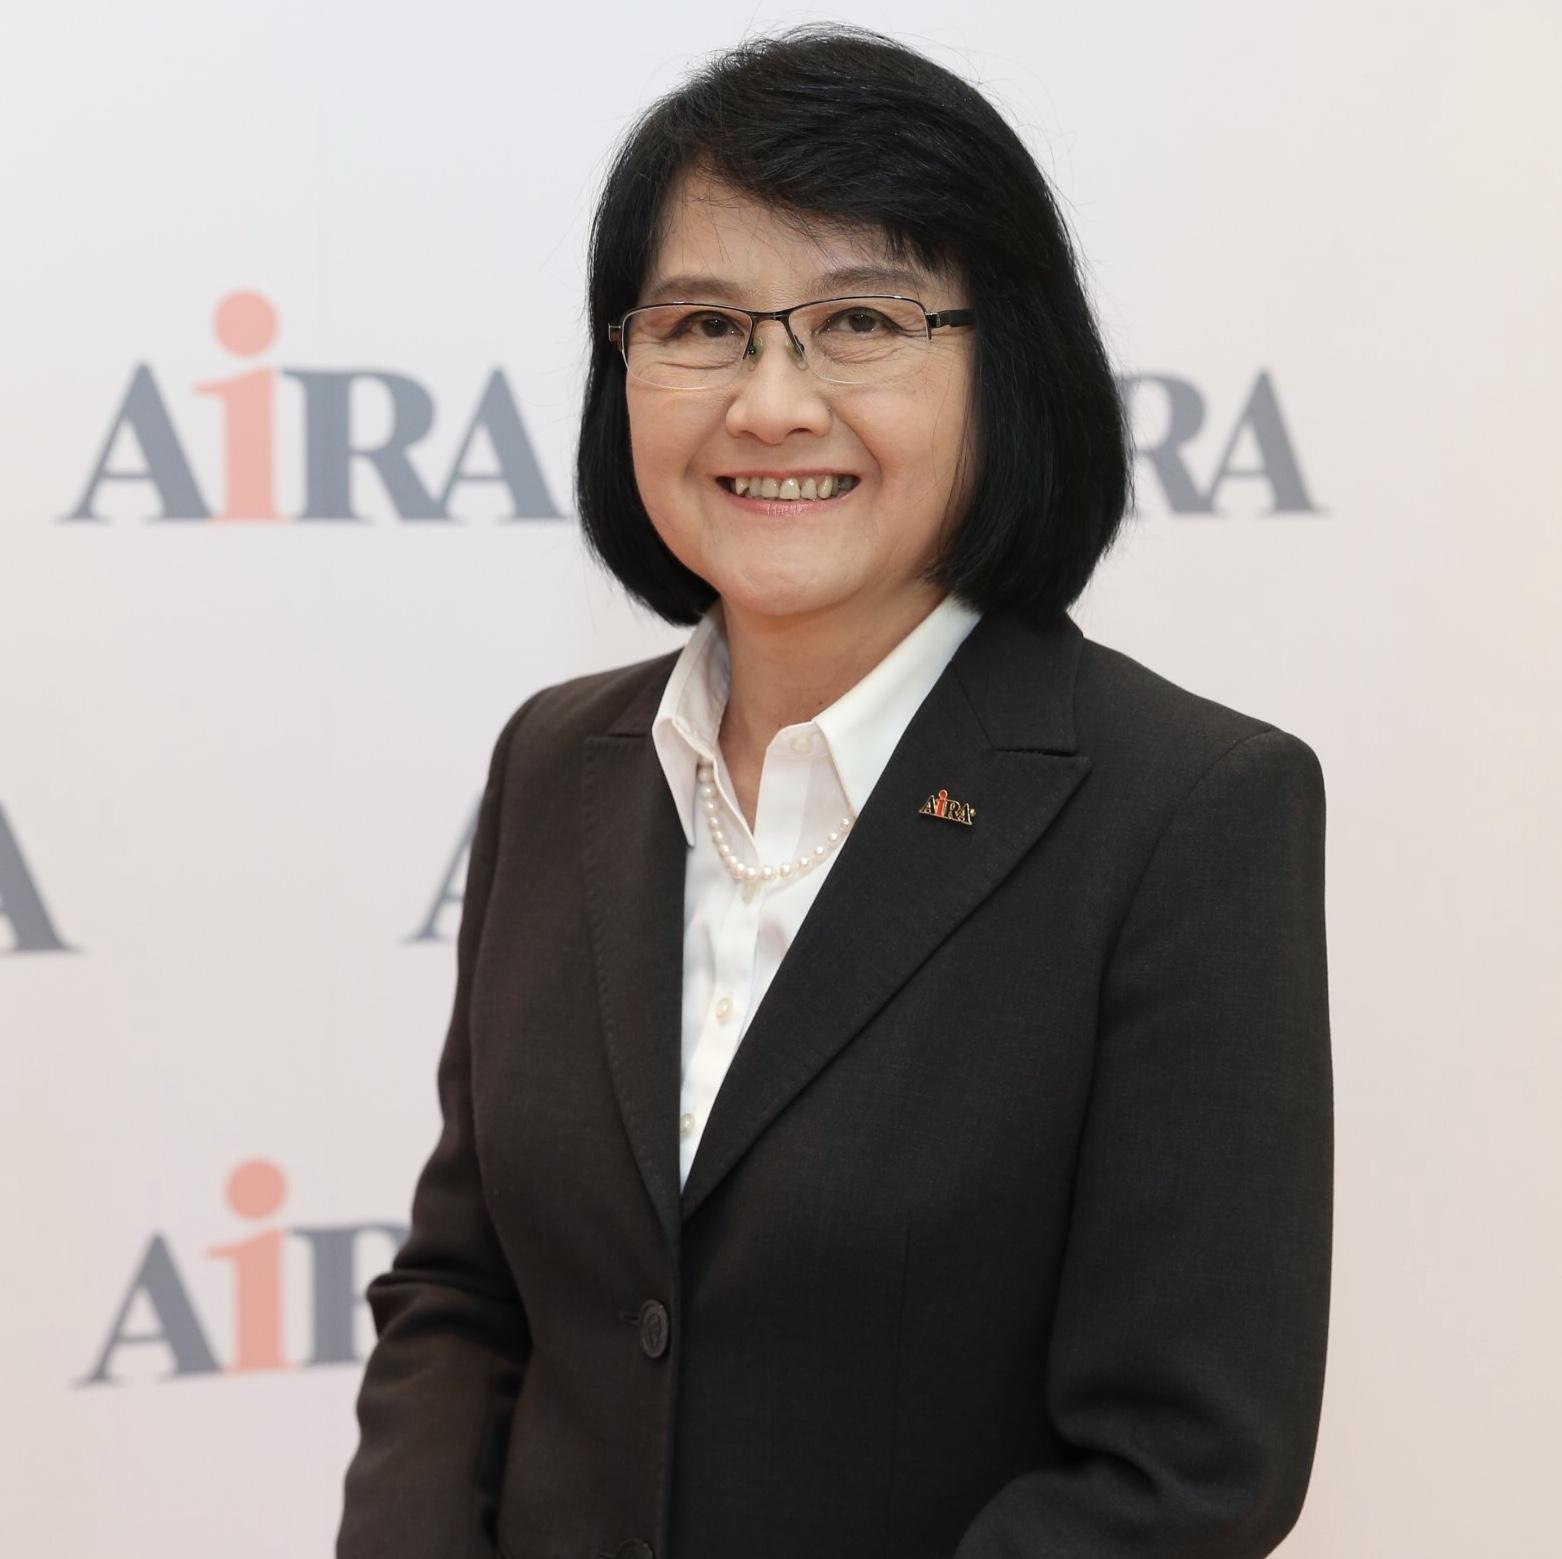 AIRA Group เดินหน้าต่อจิ๊กซอว์ ธุรกิจการเงิน ปักหมุด สำนักงานให้เช่า Spring Tower ย่านราชเทวี